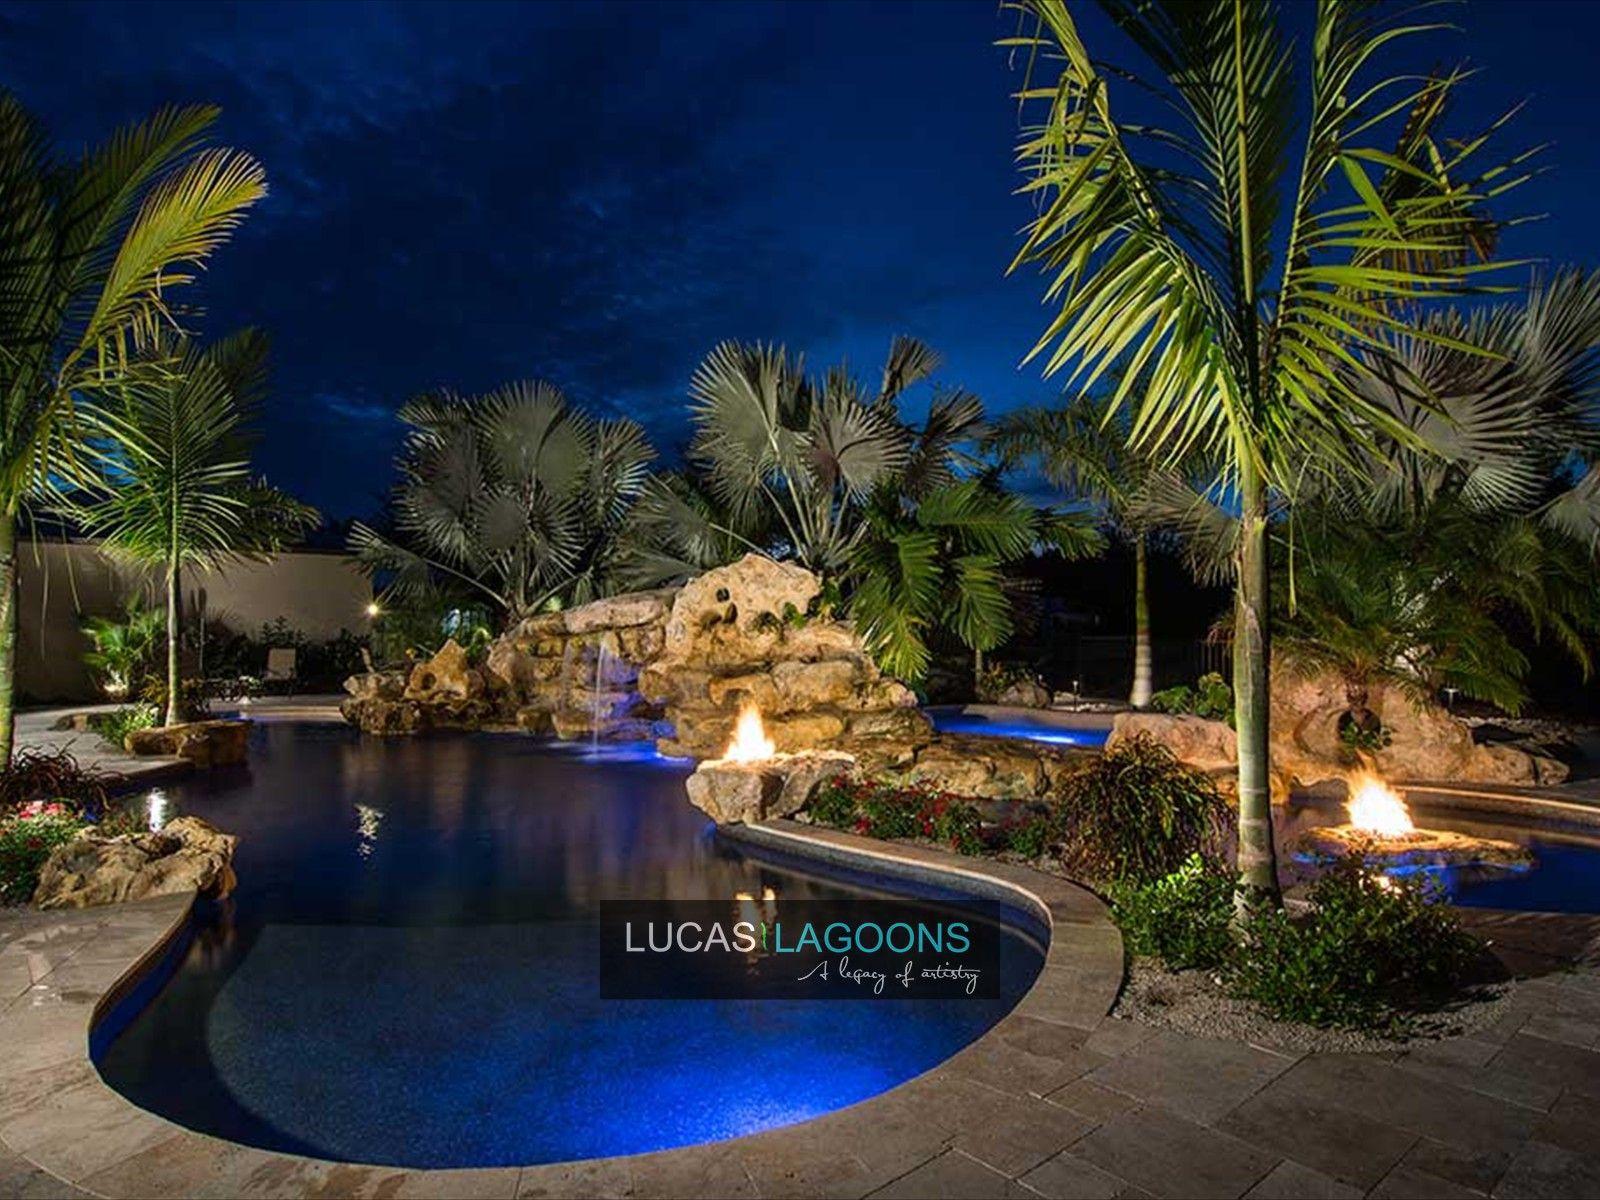 Lagoon Pools Lucas Lagoons Pools Lagoon Pool Cool Pools Pool Landscaping